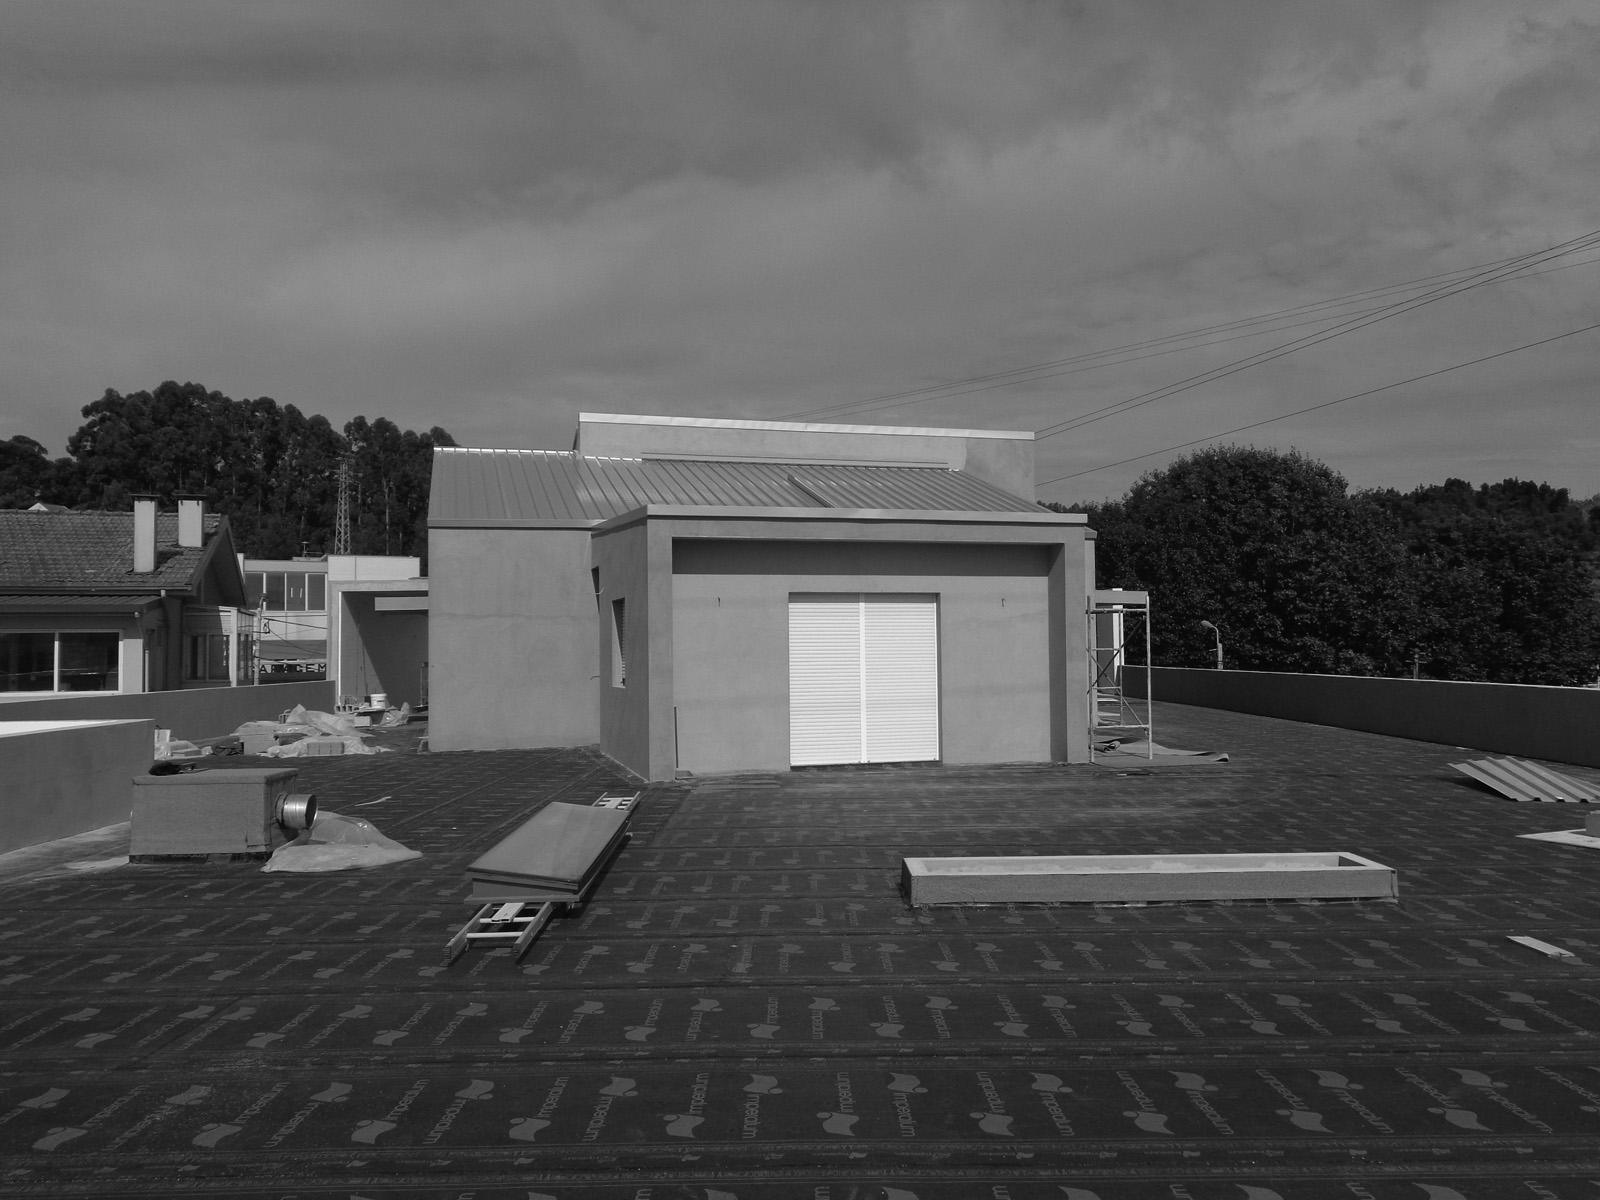 Grupo Antero Motos - Em Construção - Vila Nova de Gaia - EVA evolutionary architecture - Arquitectos Porto (69).jpg